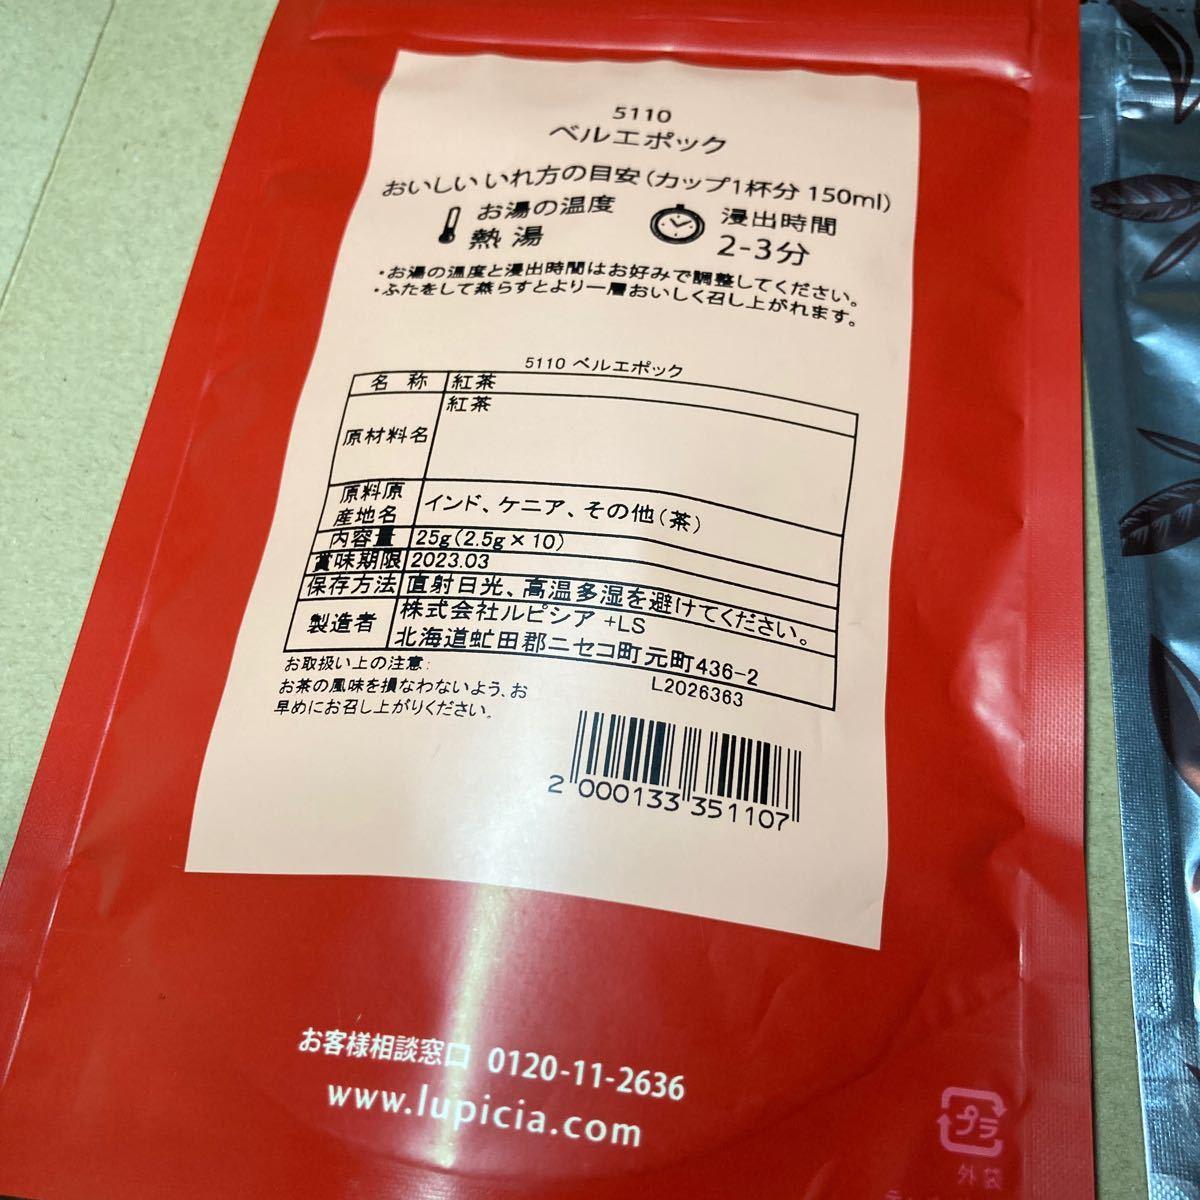 ルピシア ボンマルシェ サクランボ紅茶 ベルエポック 2袋セット フレーバードティー ノンフレーバー紅茶 ティーバッグ 茶葉